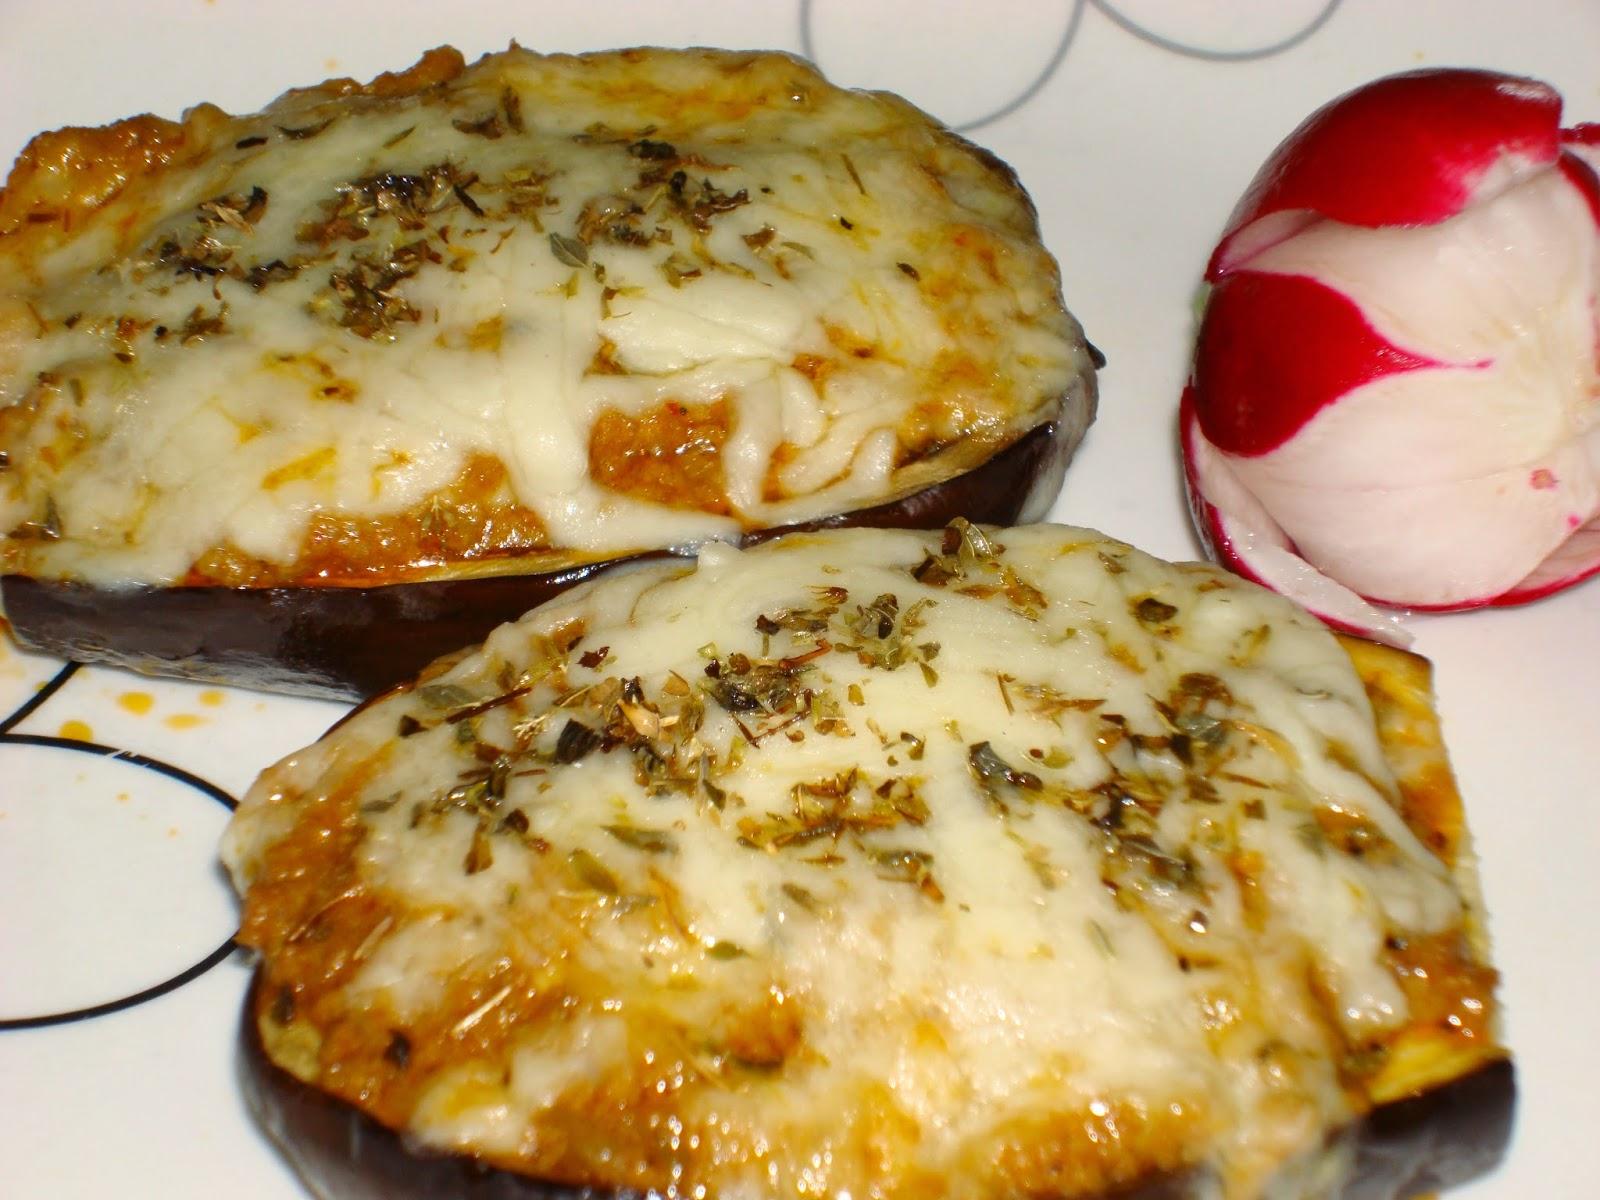 Cocina de ceuta berenjenas rellenas de carne cocina de for Cocina berenjenas rellenas